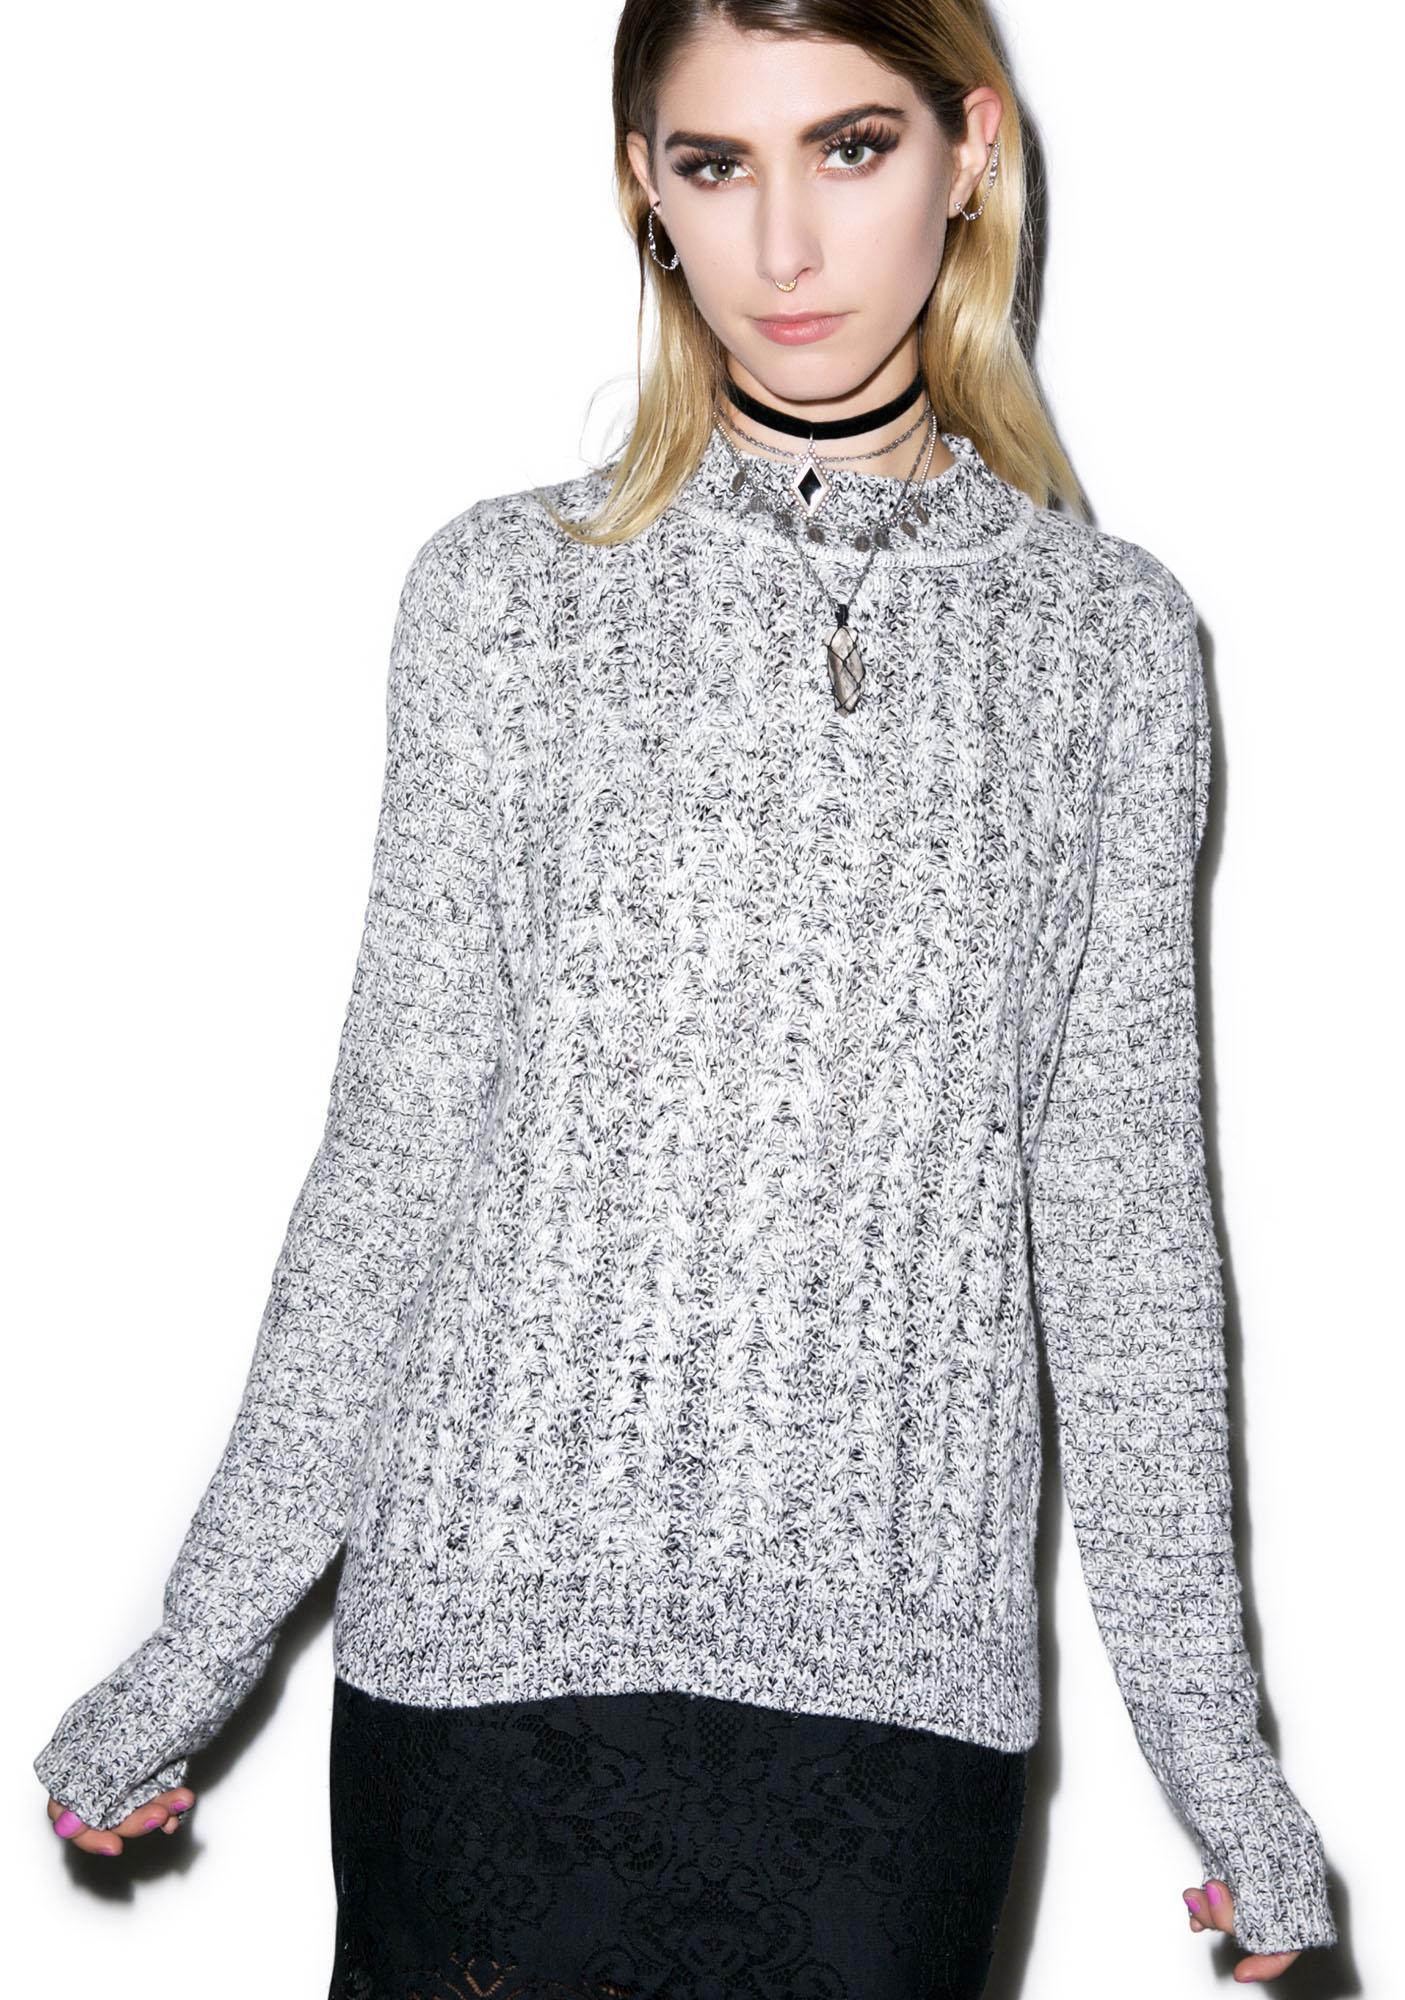 For Love & Lemons Frostine Sweater